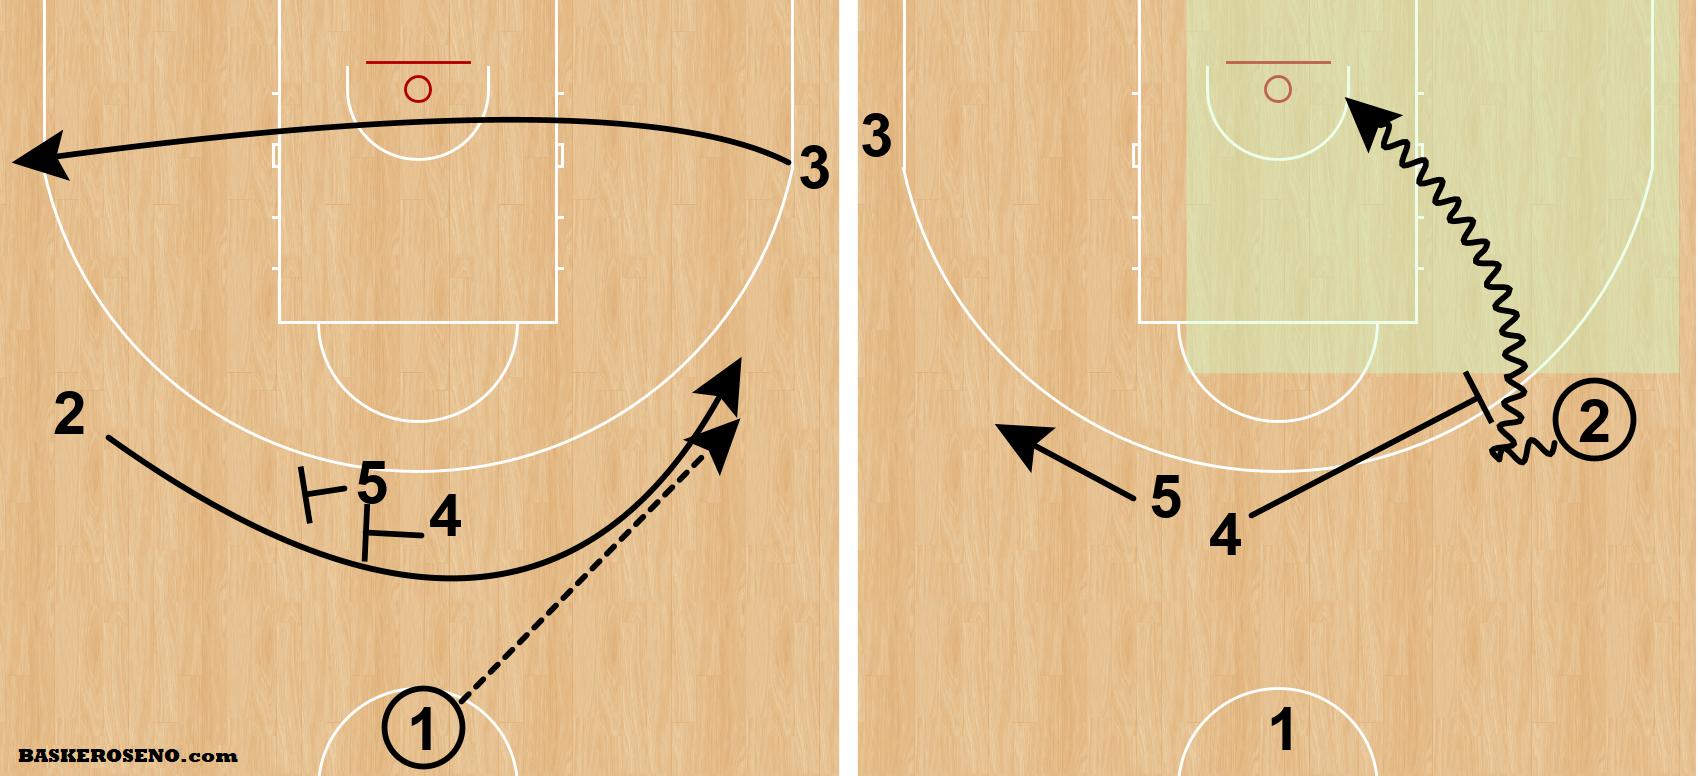 scouting Valencia Basket